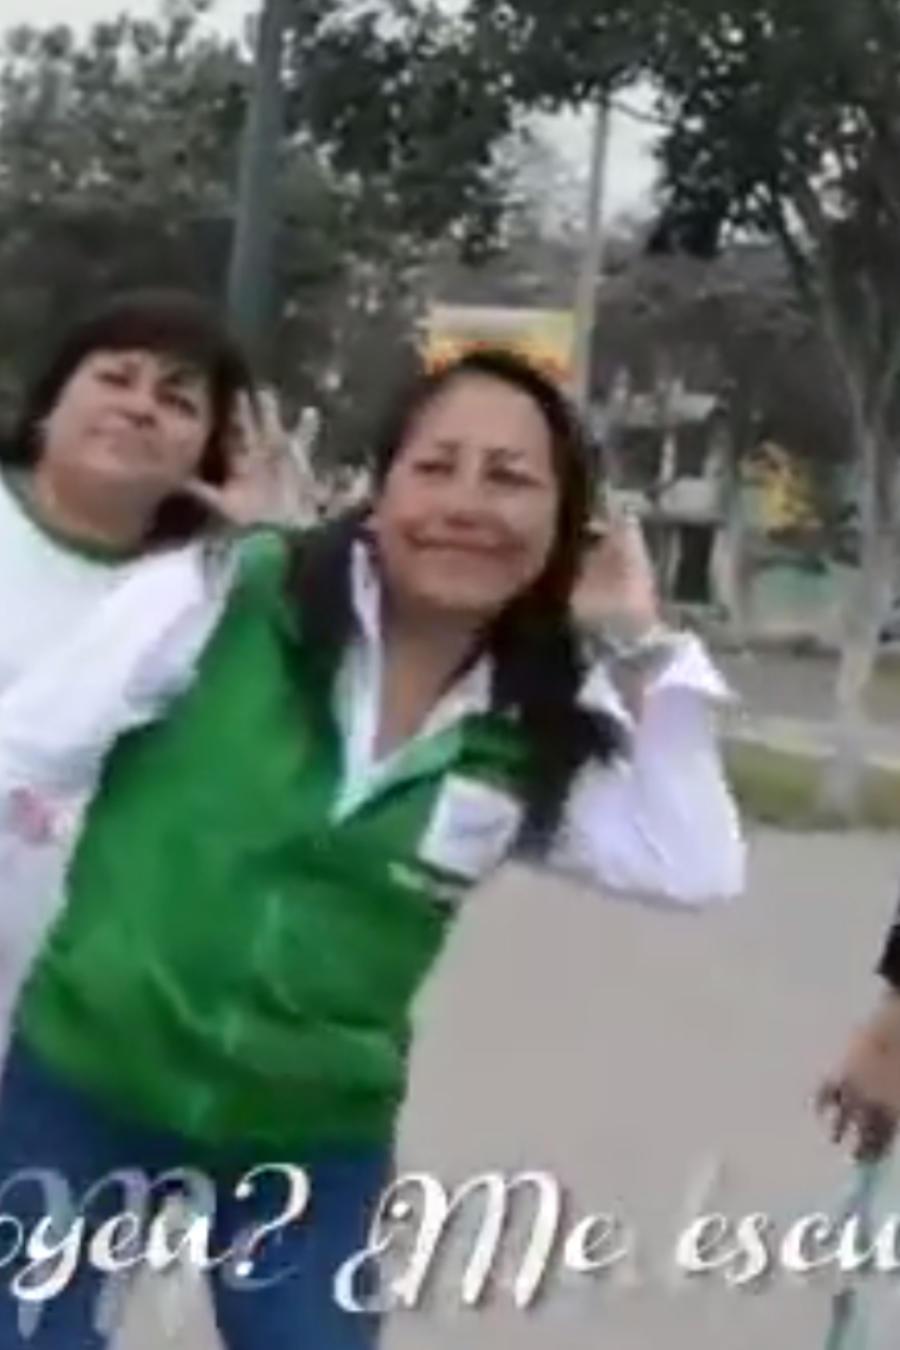 El video se hizo para promocionar su campaña electoral.